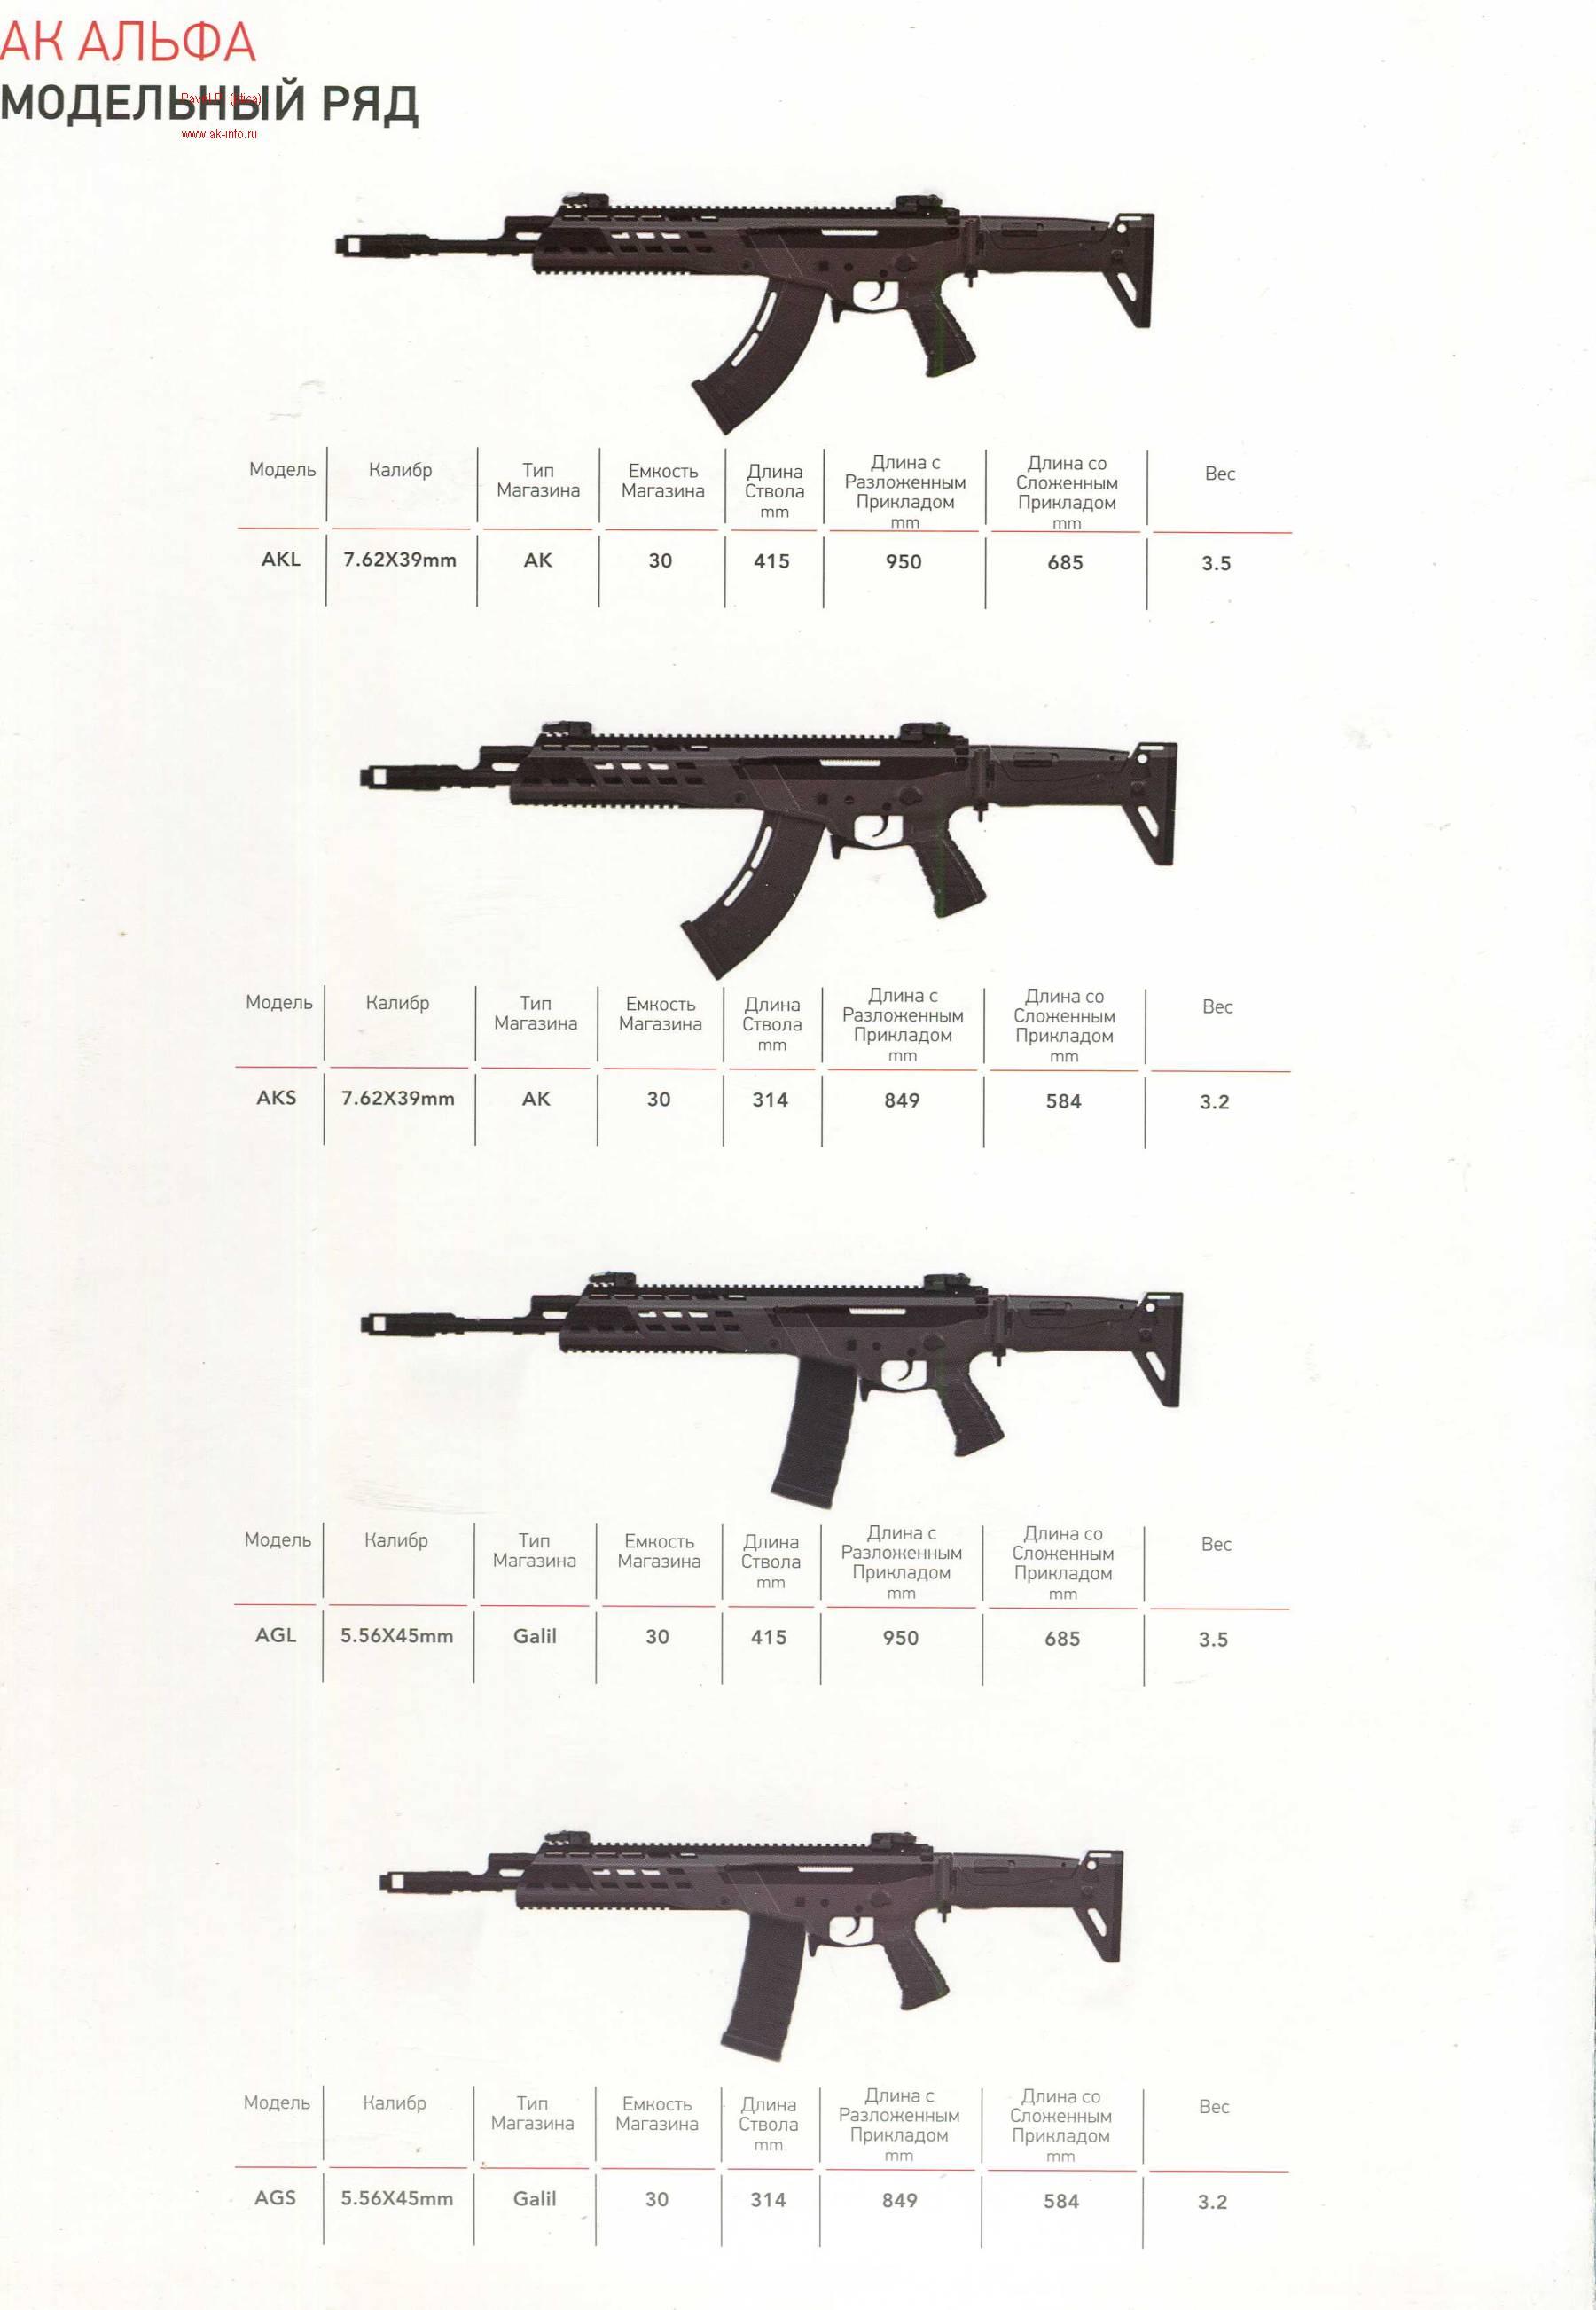 AK ALFA модельный ряд